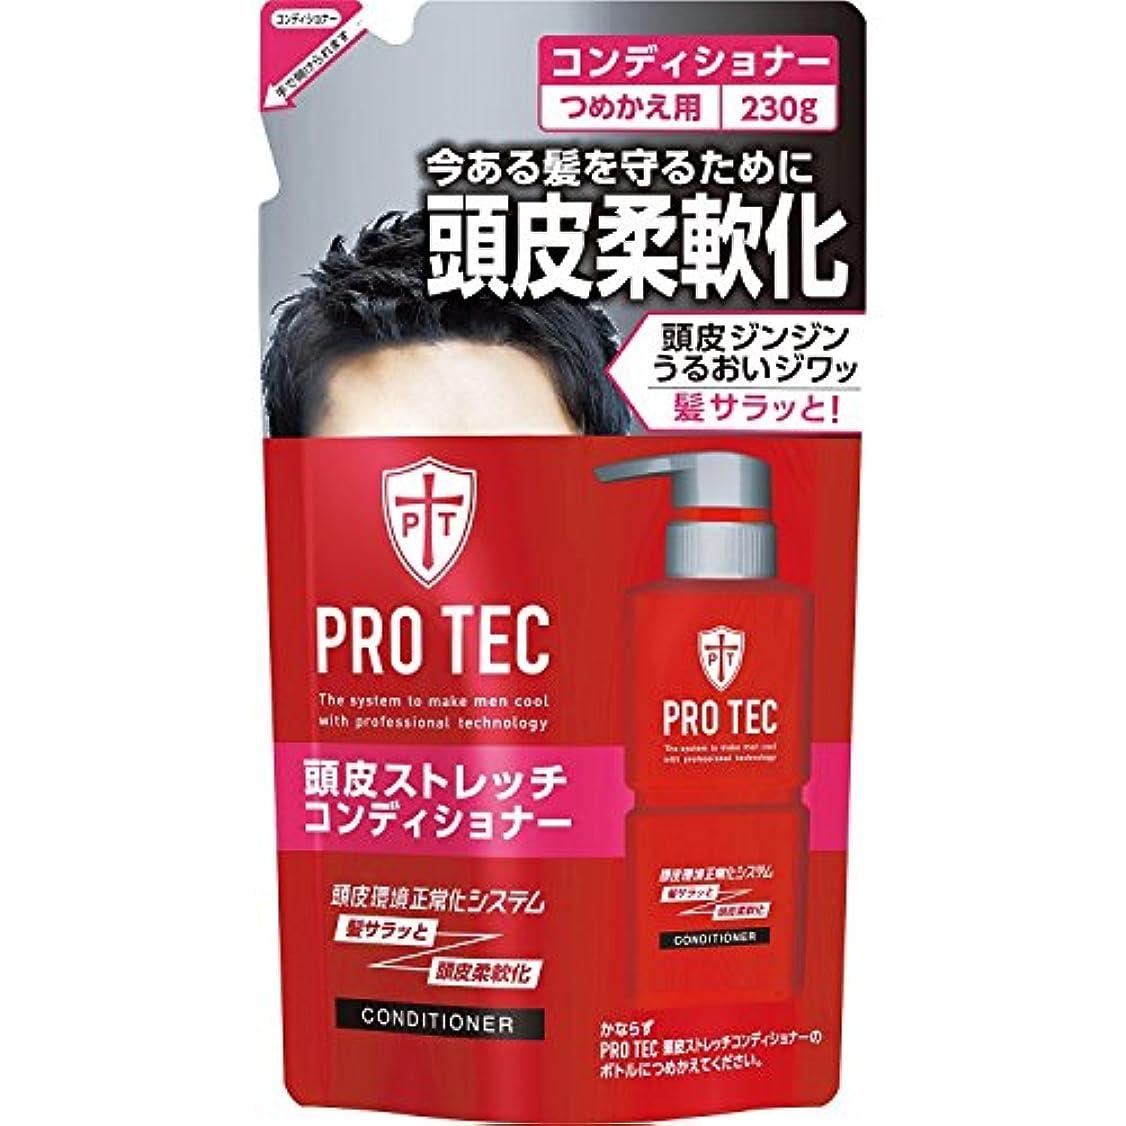 到着受ける熱PRO TEC(プロテク) 頭皮ストレッチコンディショナー つめかえ用 230g ×10個セット